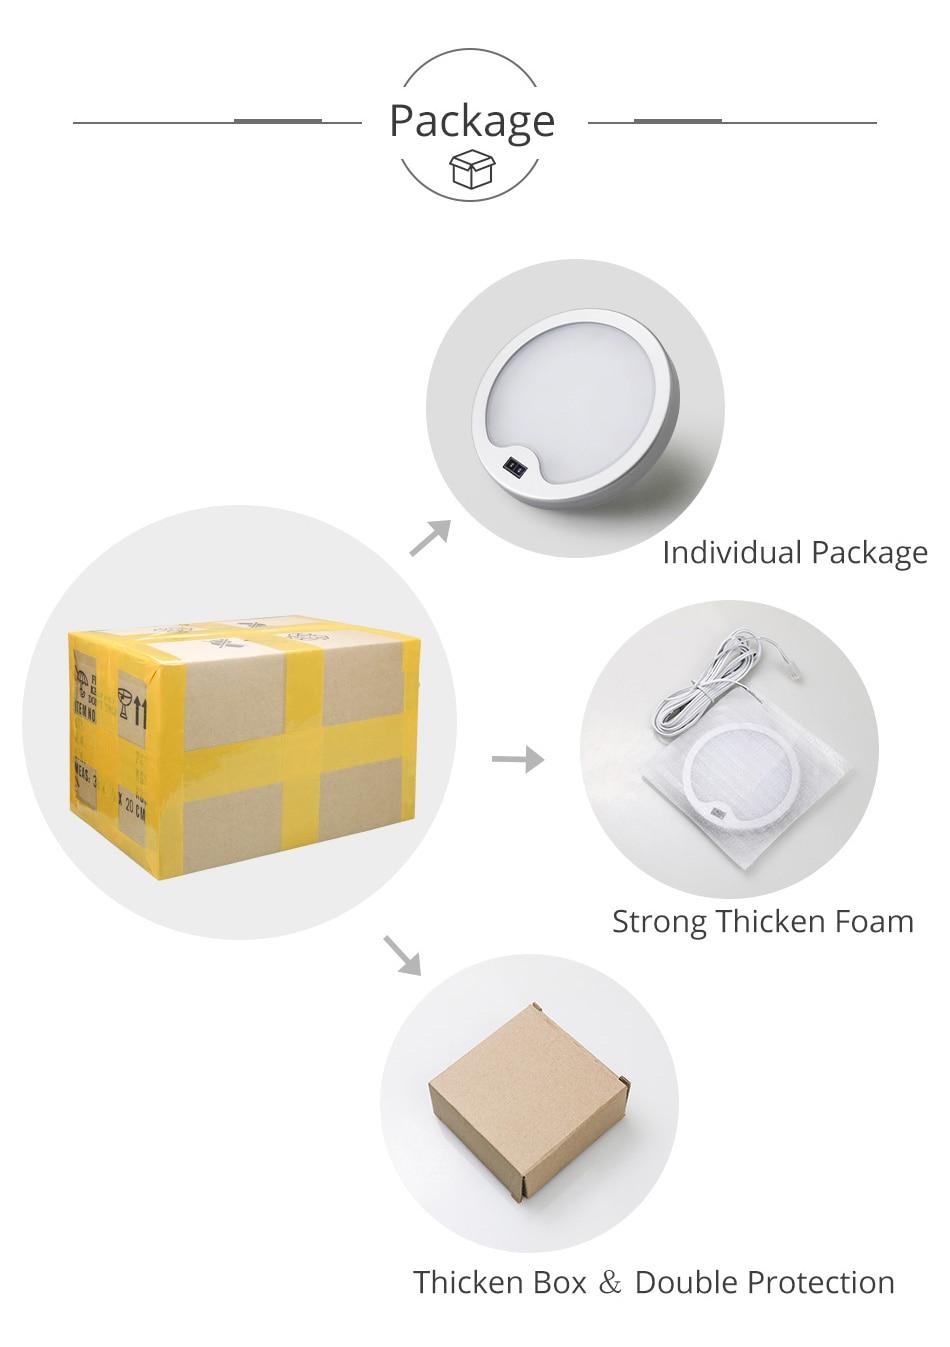 SMD2835 LED Chips PIR Sensor Lamp Kitchen Wardrobe Closet Motion Sensor 12V DC Under Cabinet Lights 3W Cabinet Night Lighting (4)